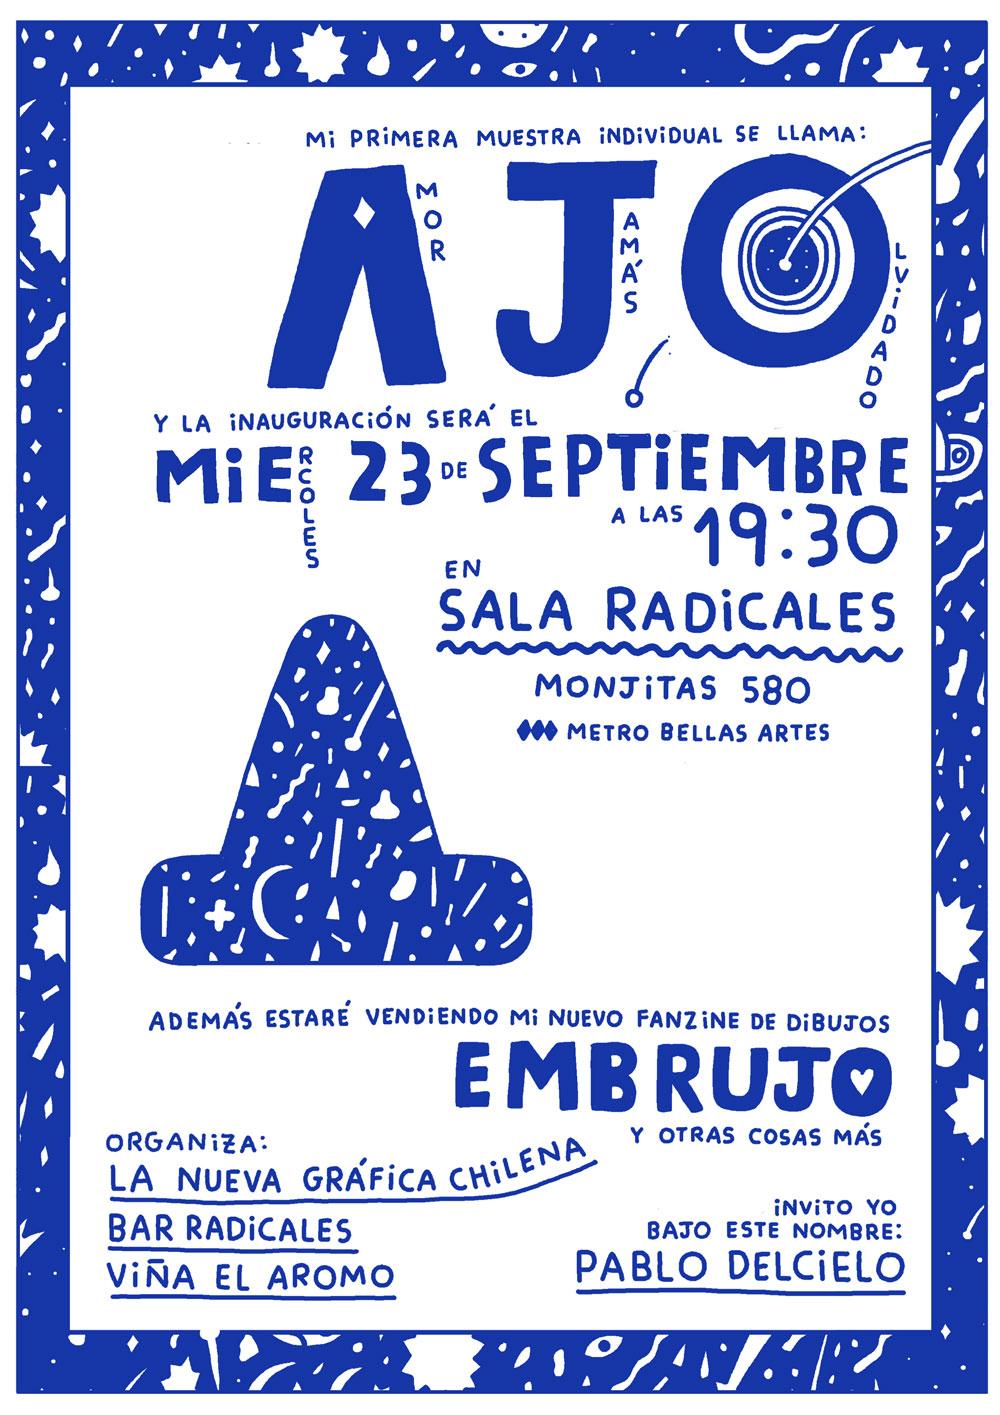 Pablo Delcielo presenta AJO